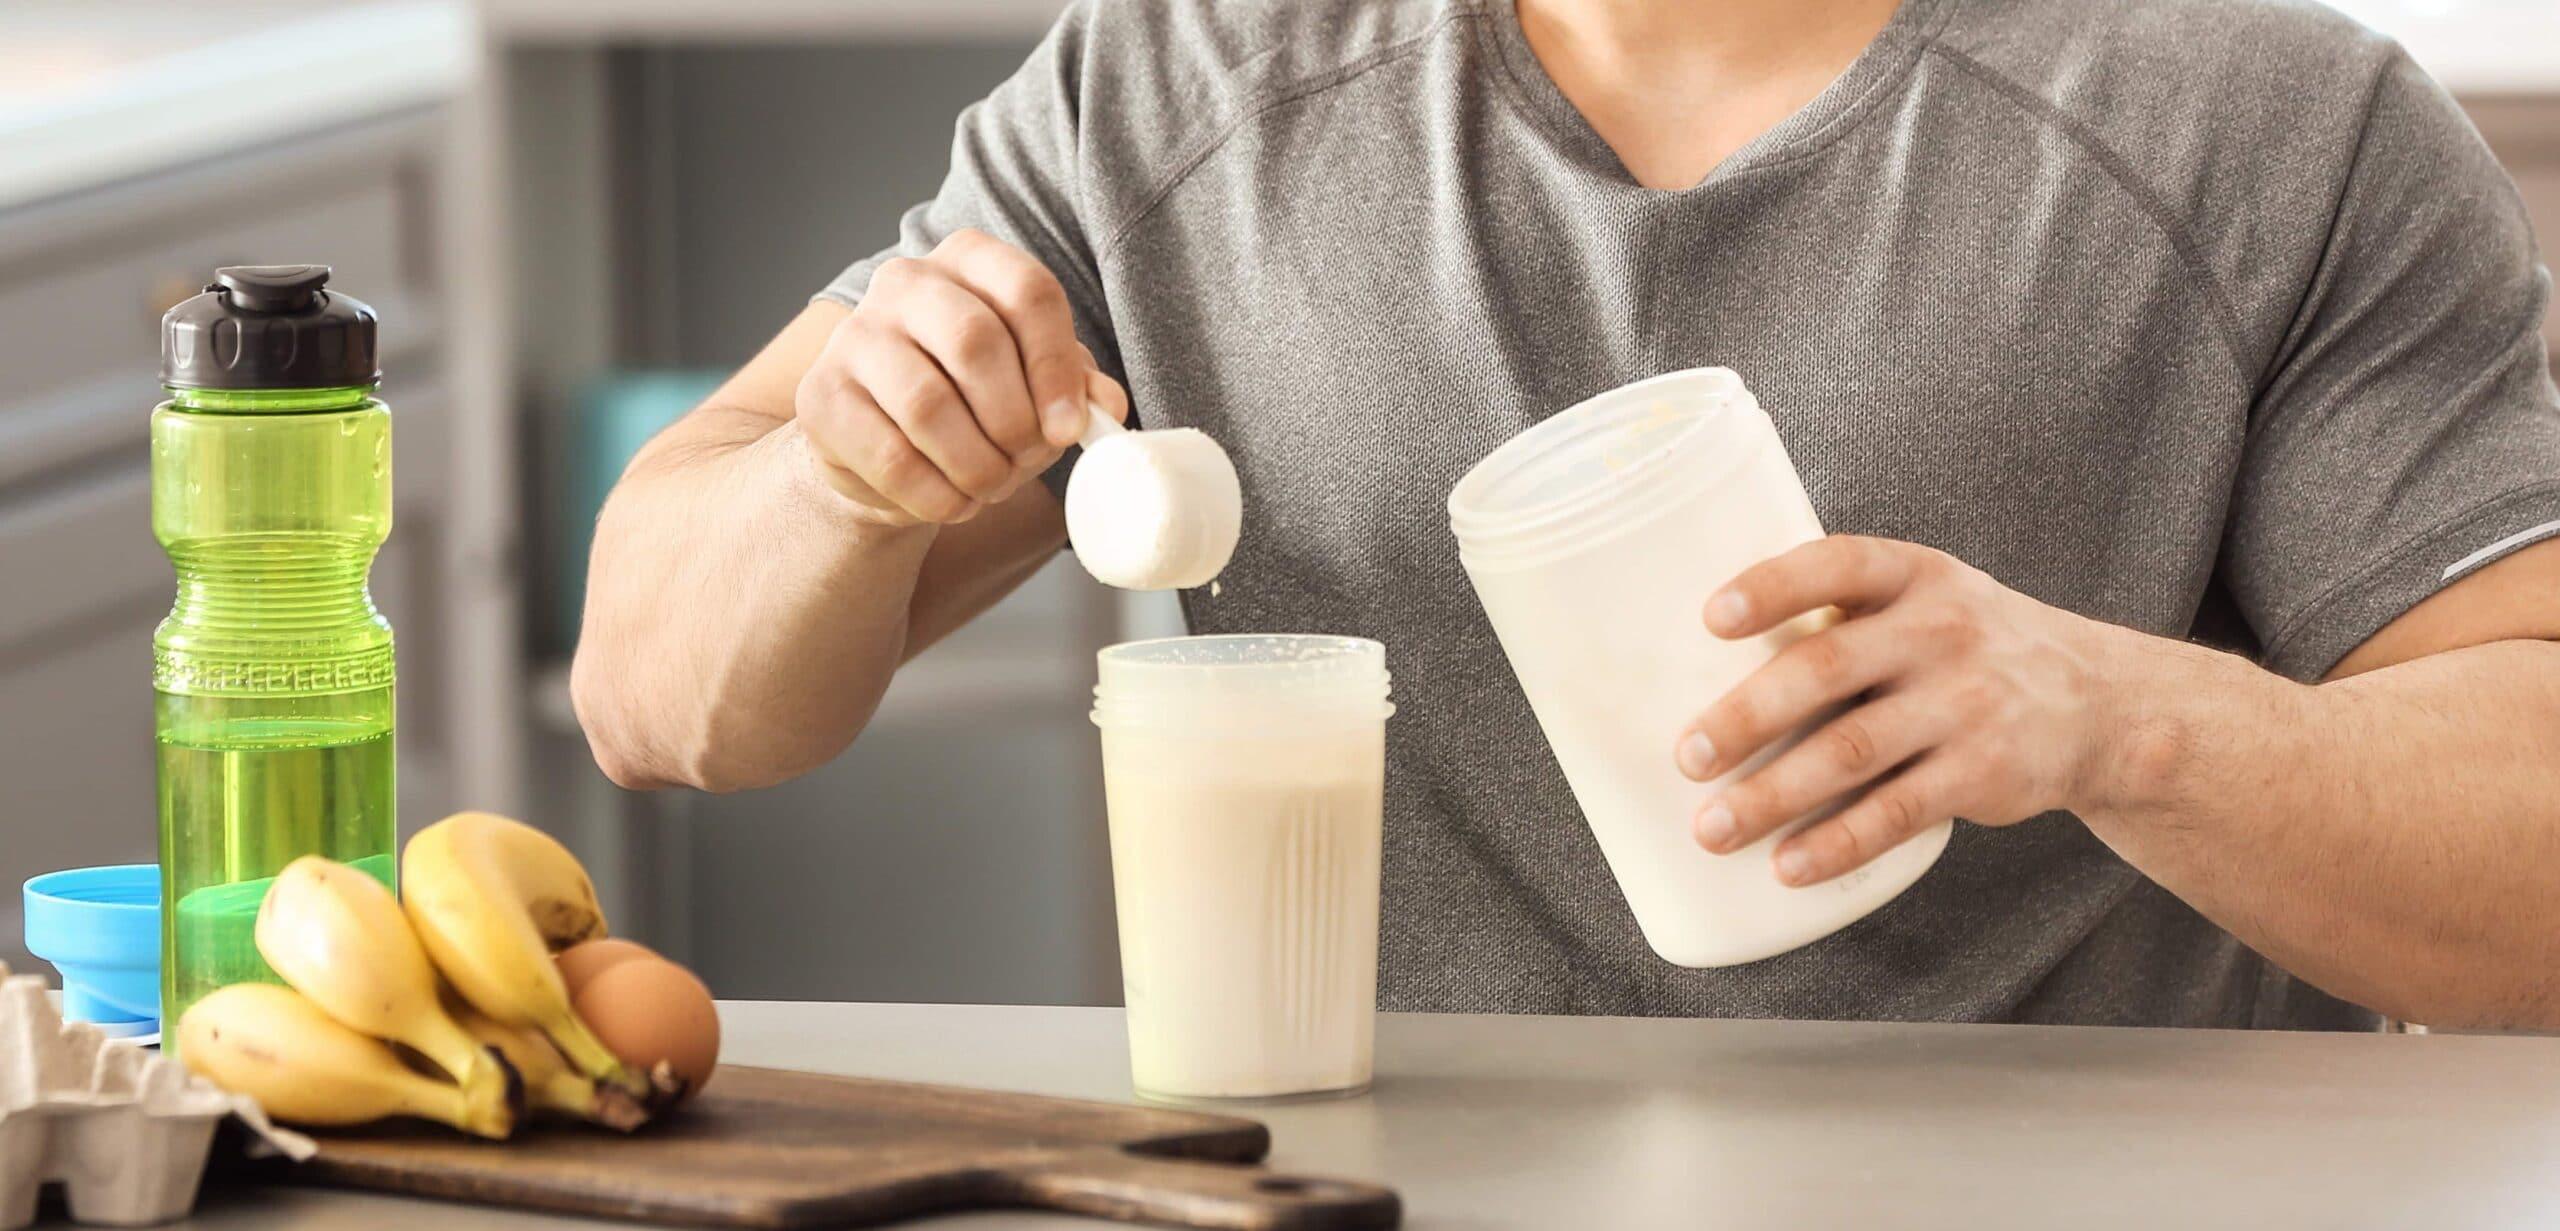 proteine cosa sono e quali scegliere per la palestra